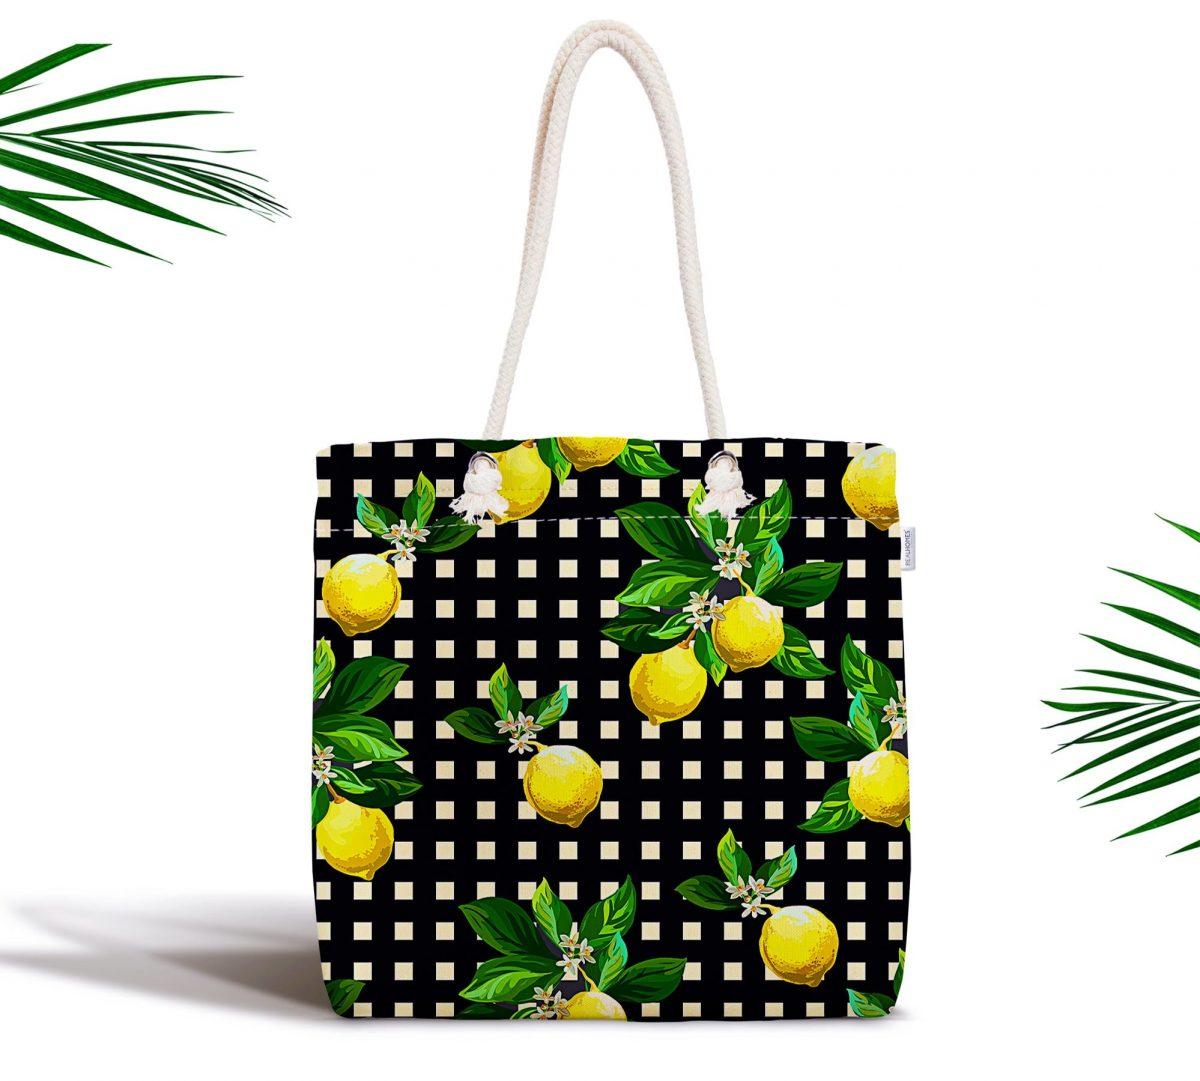 Siyah Zeminde Ekose Desenli Limon Baskılı Fermuarlı Modern Kumaş Çanta Realhomes